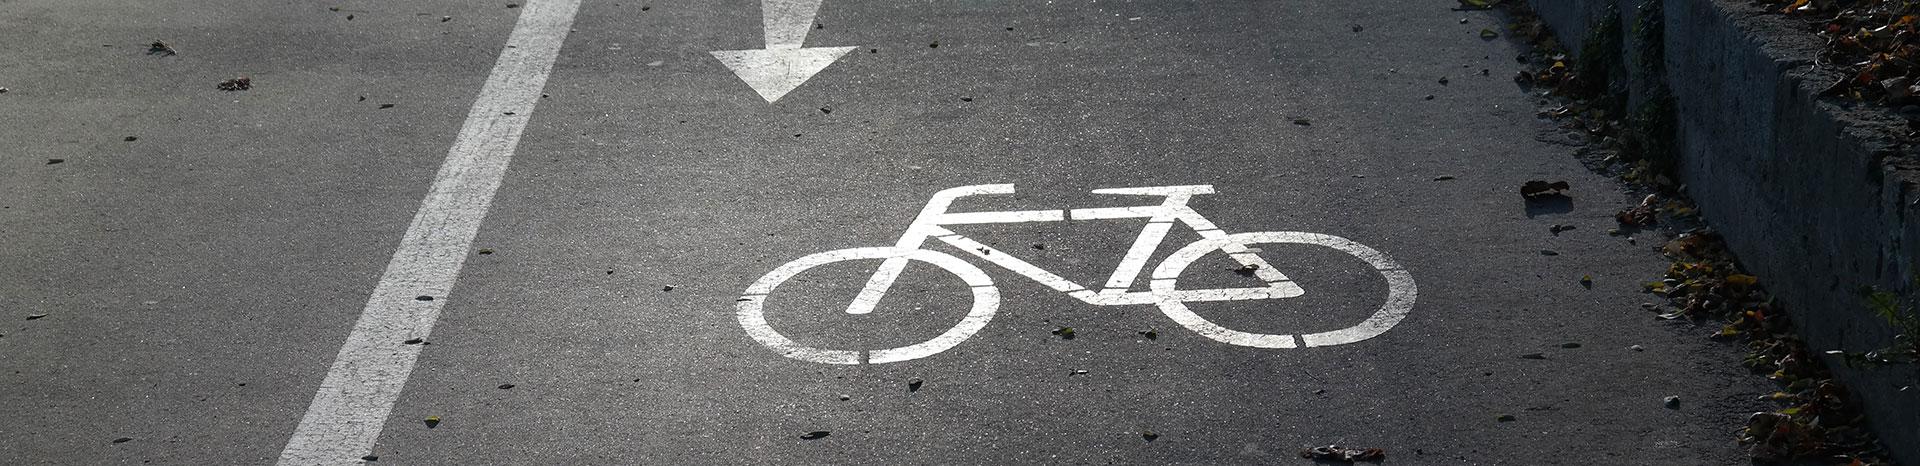 Noord-Holland investeert miljoenen in fietsveiligheid | LetselPro